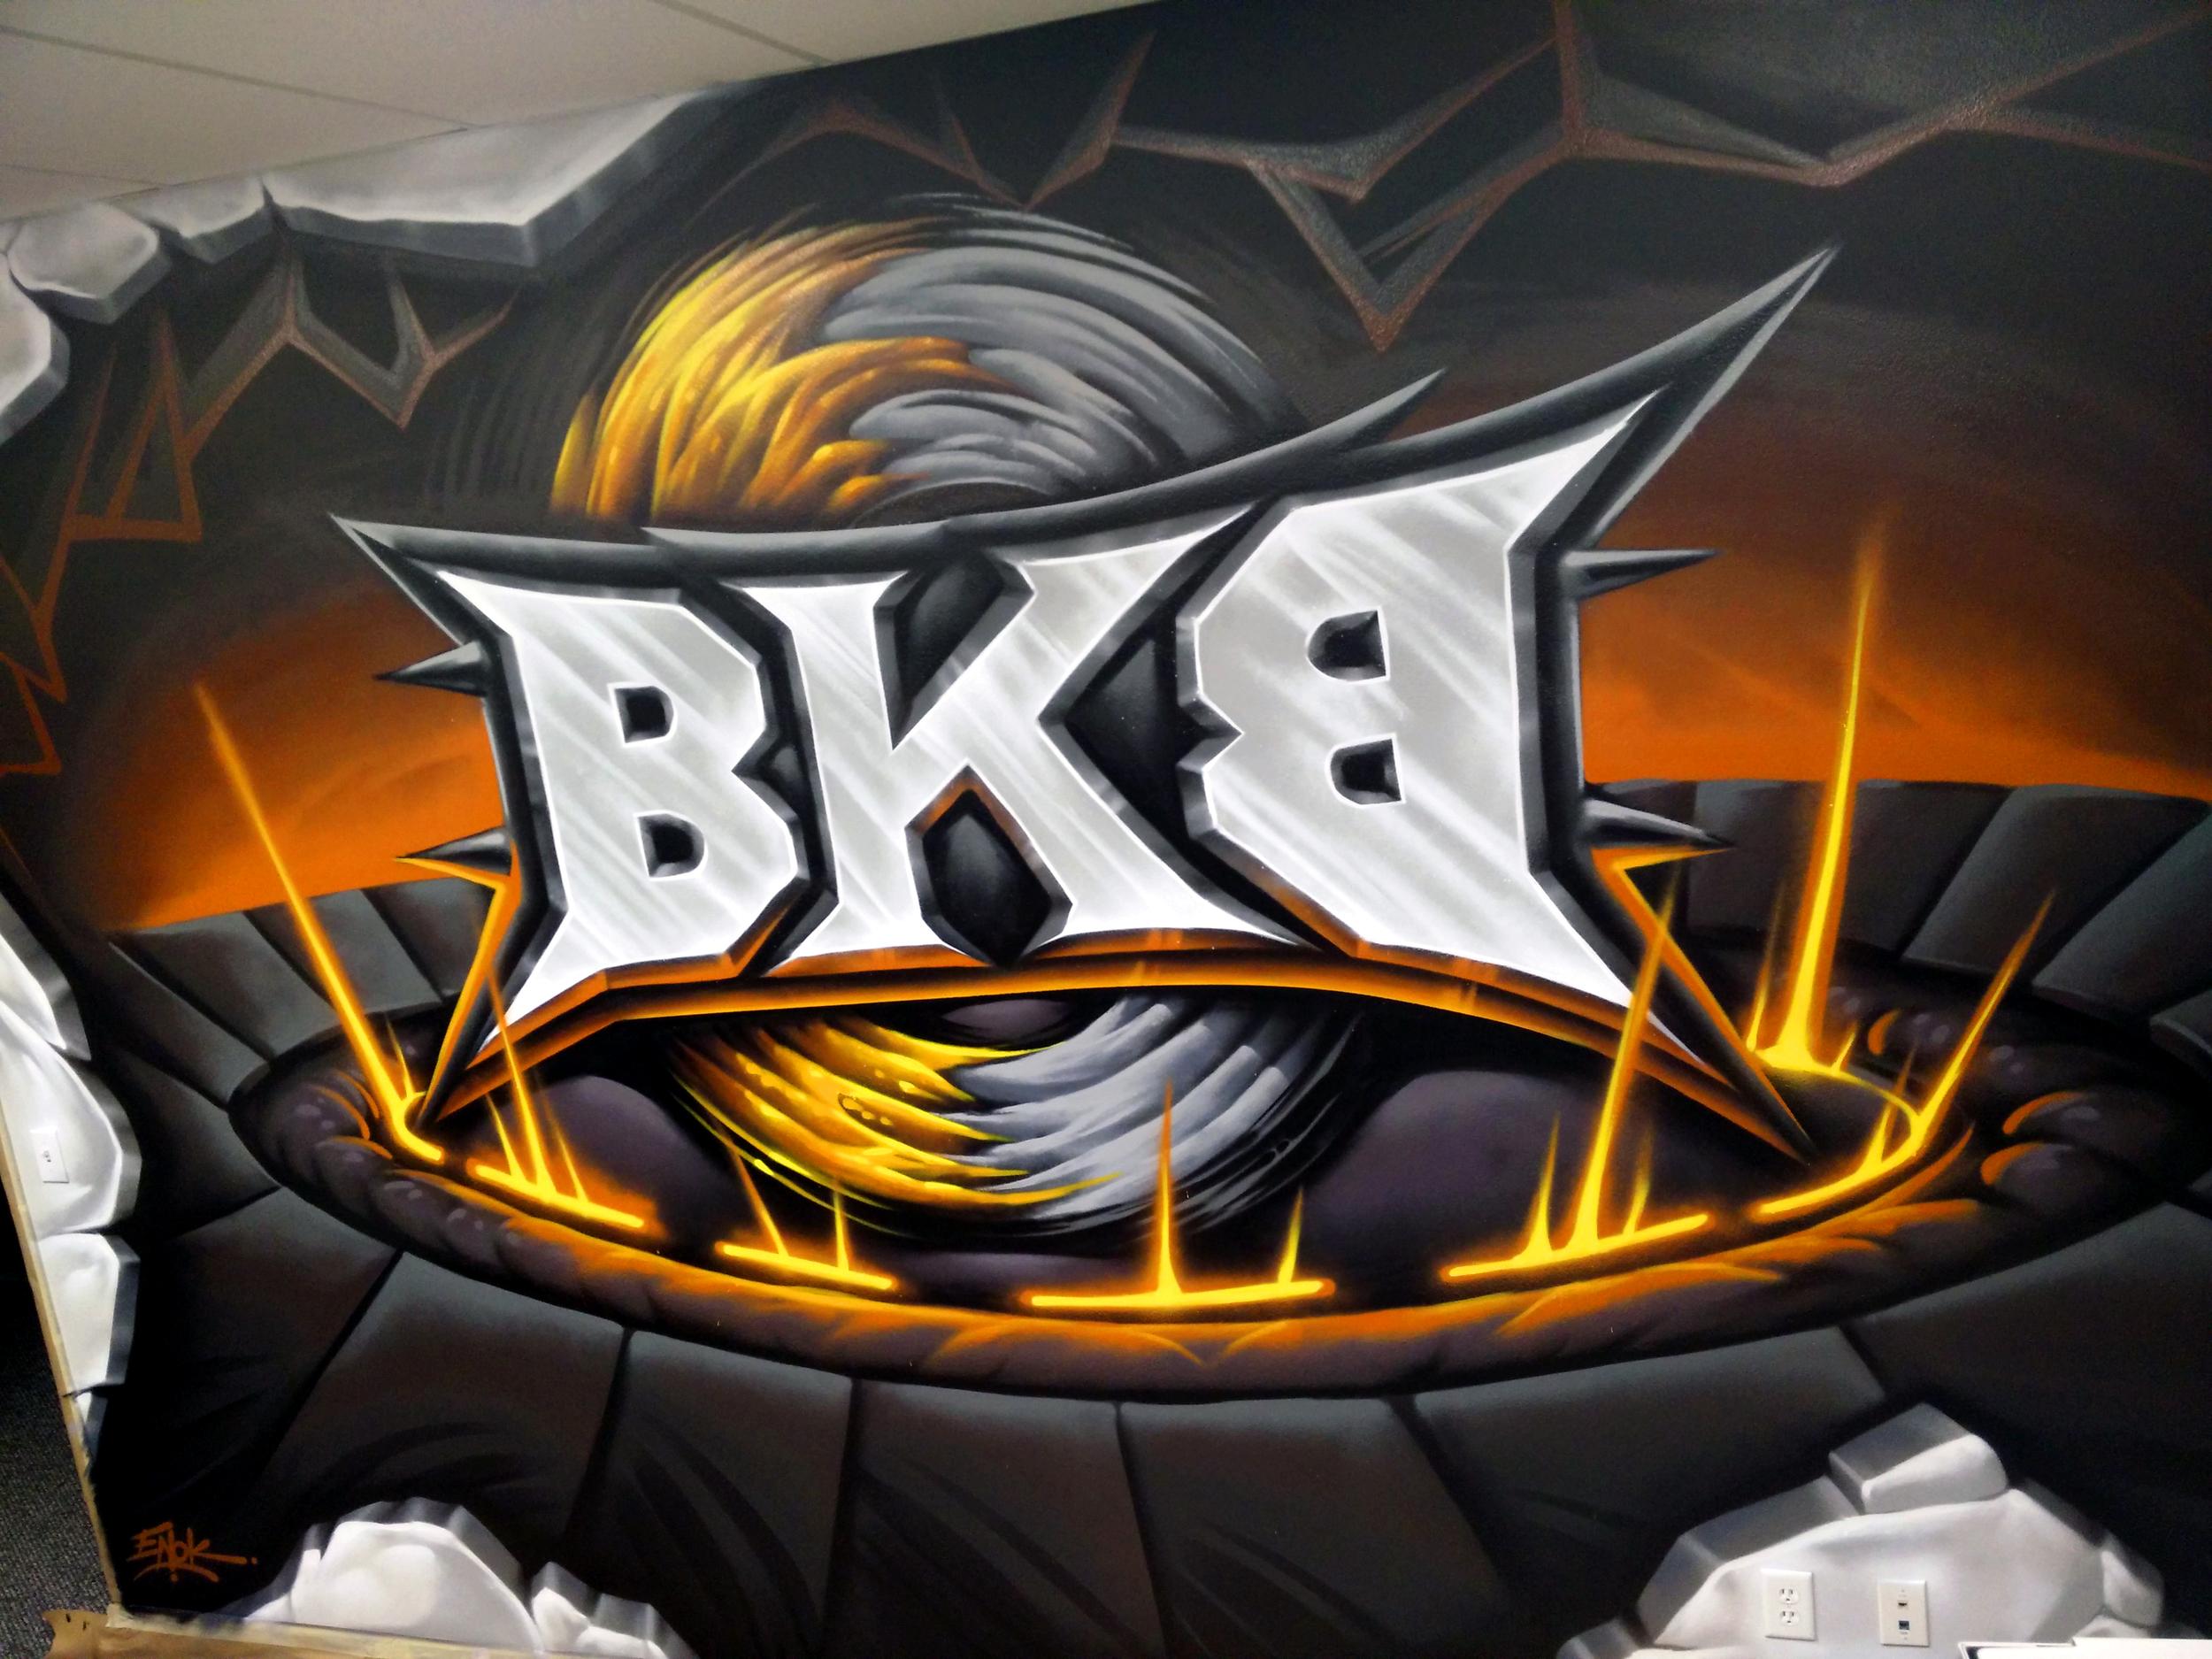 bkb-mural.jpg